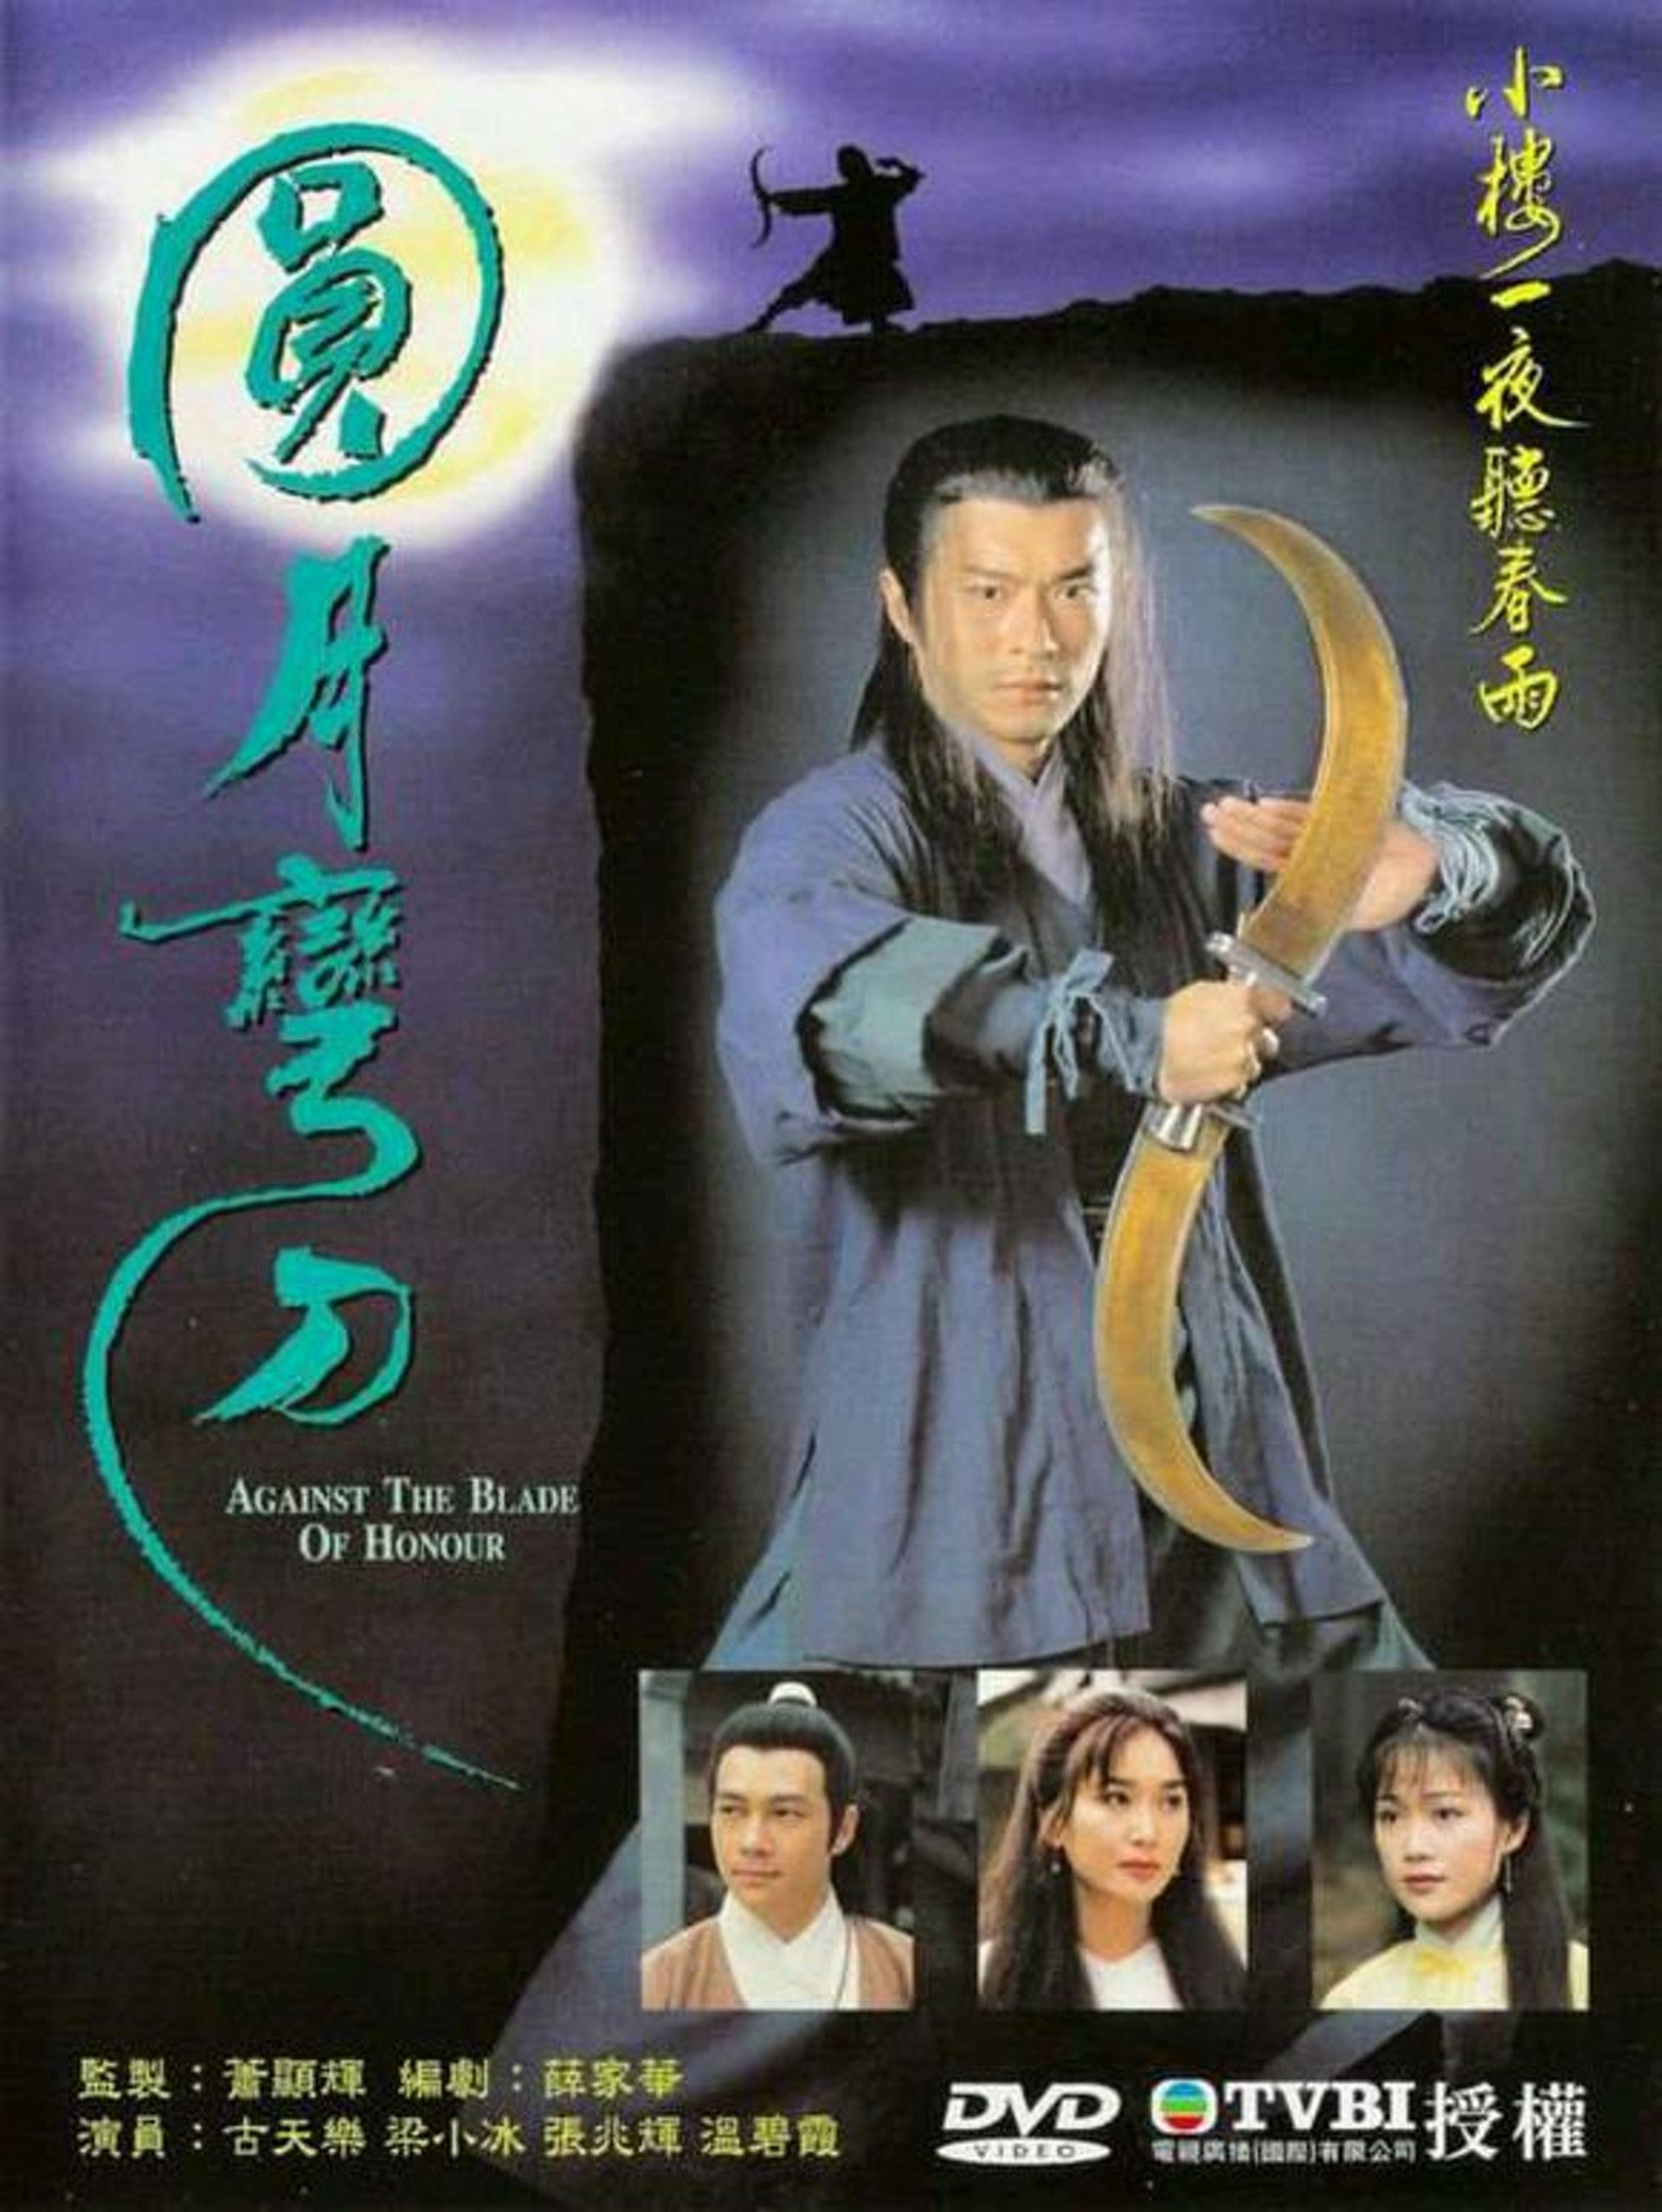 古天樂曾為TVB劇集《圓月彎刀》擔任主角。(網上圖片)